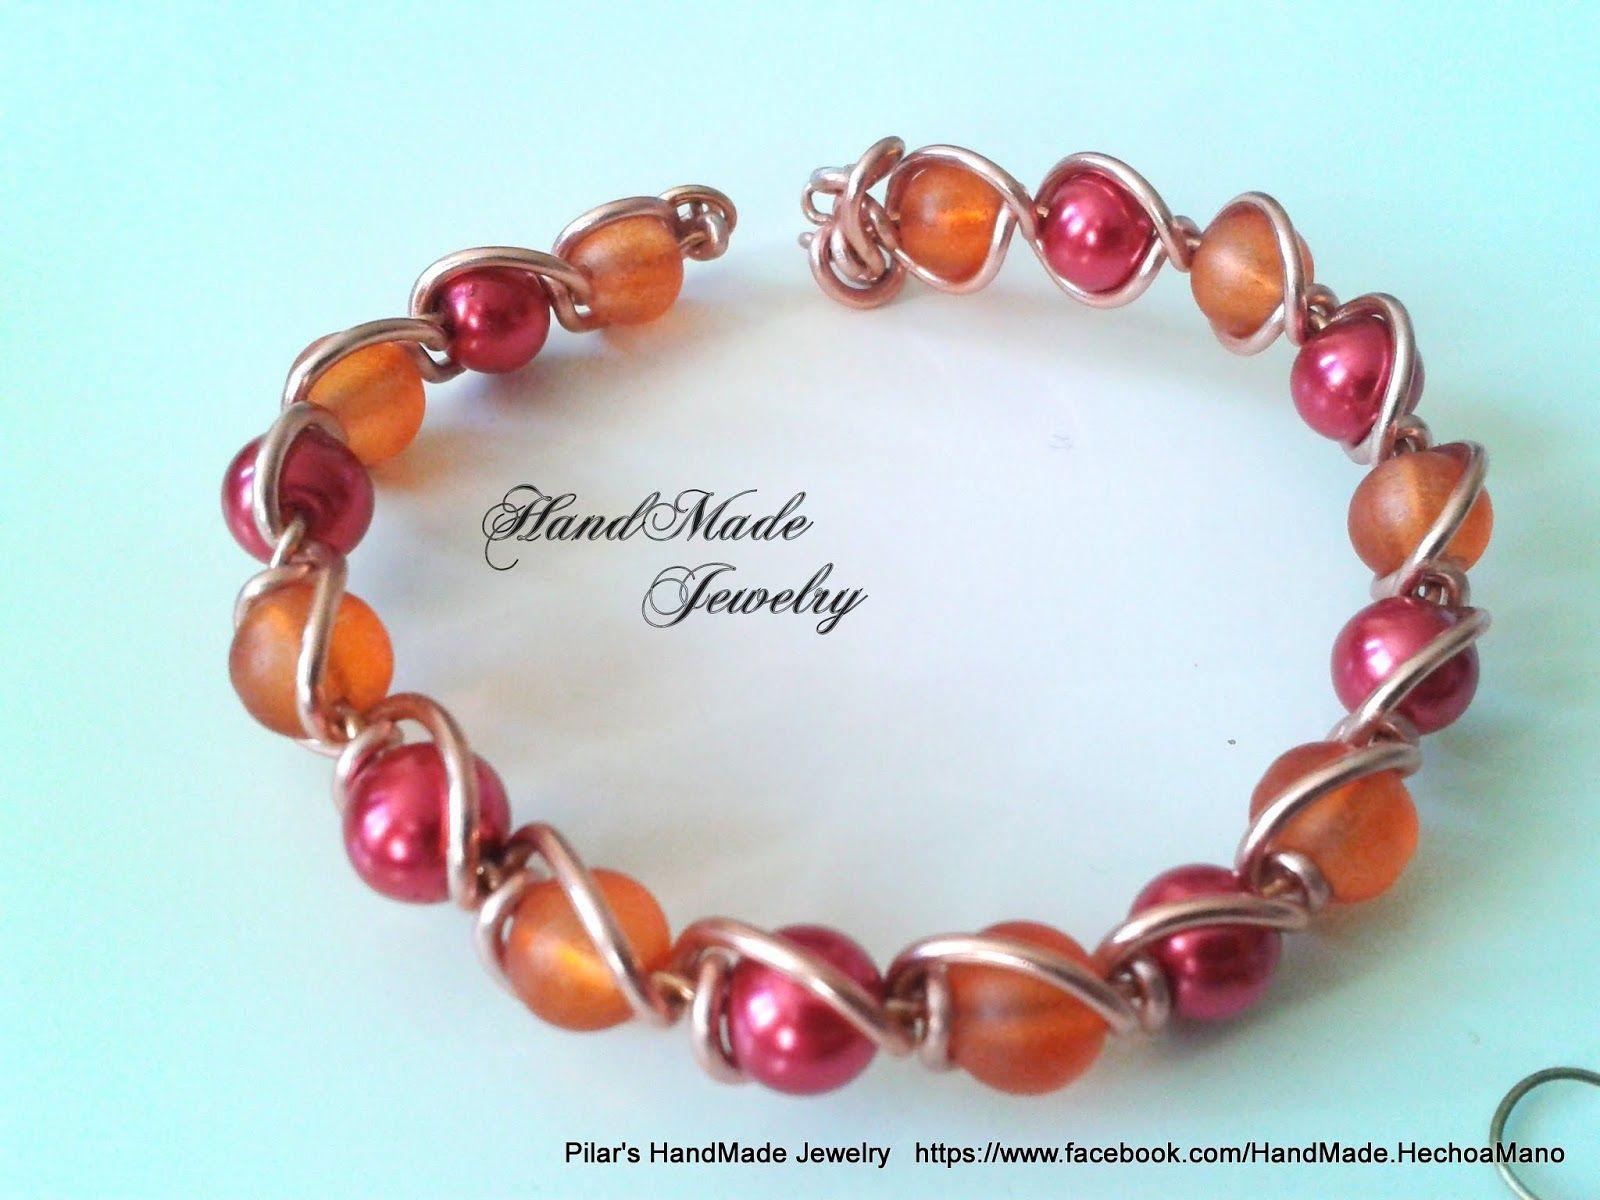 Bisuteria Hecho a Mano - HadMade Jewelry: Set Bracelet and Earrings with wire and crystal pearls - Conjunto de pulsera y Pendientes con perlas de cristal y alambre